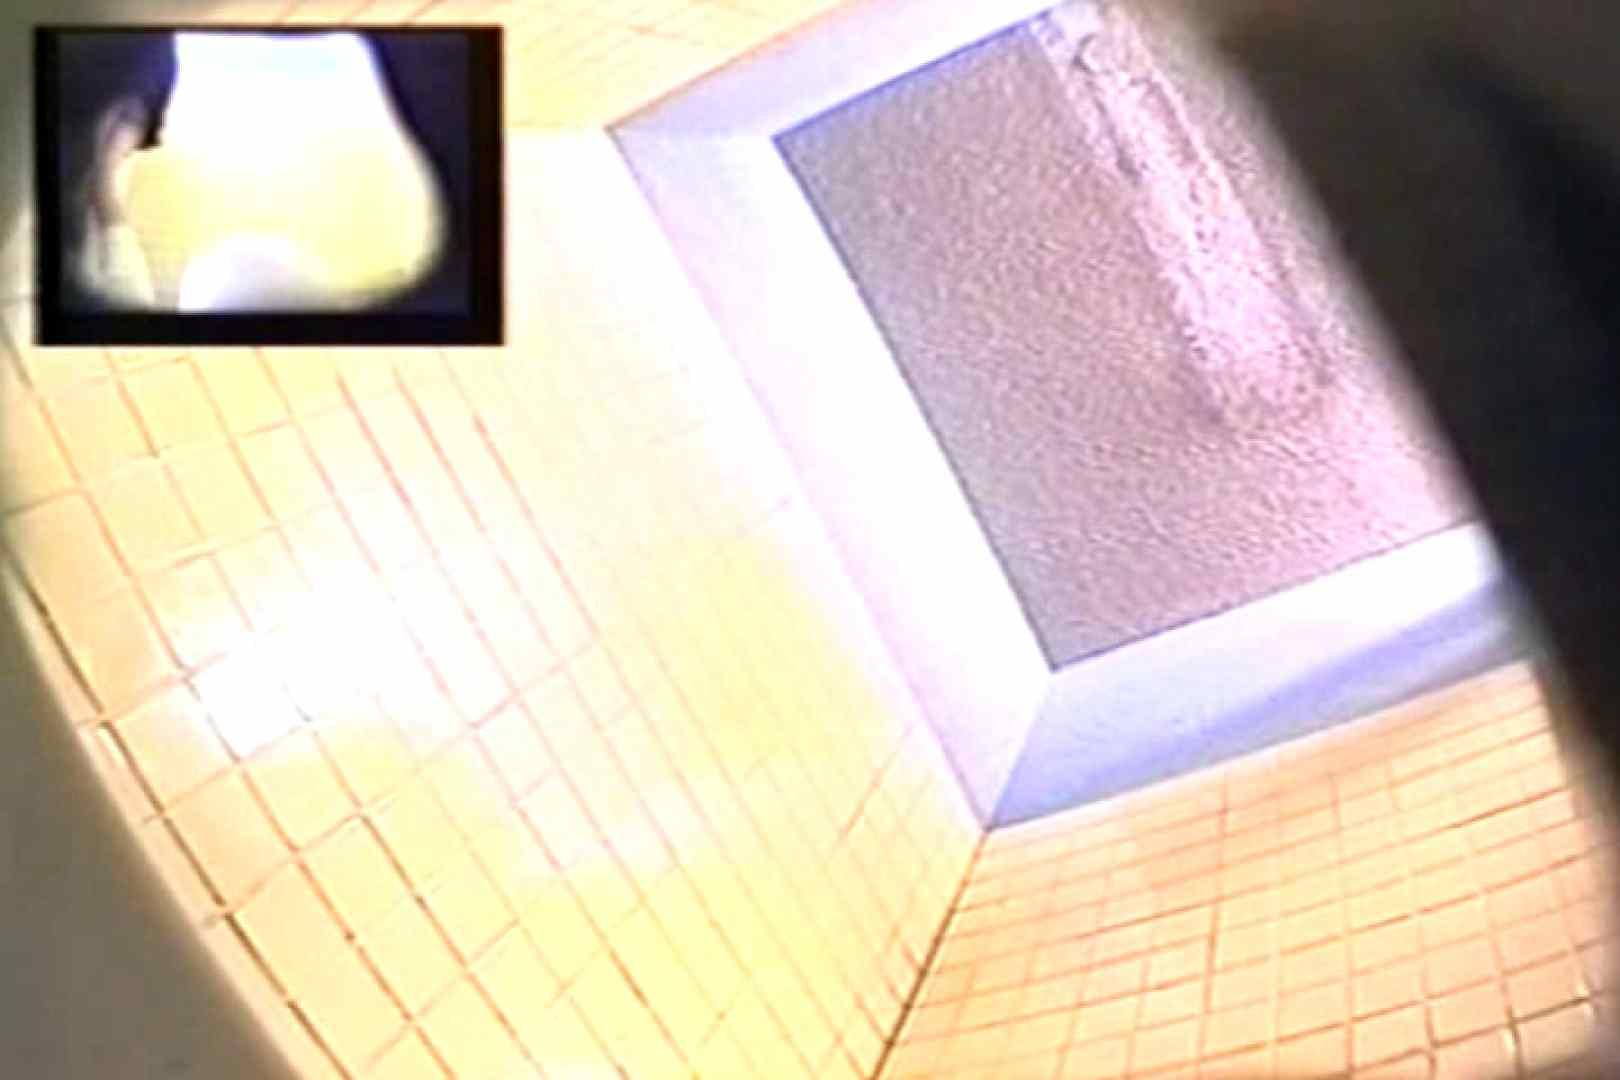 下半身シースルー洗面所Vol.1 マルチアングル のぞき動画キャプチャ 111pic 95